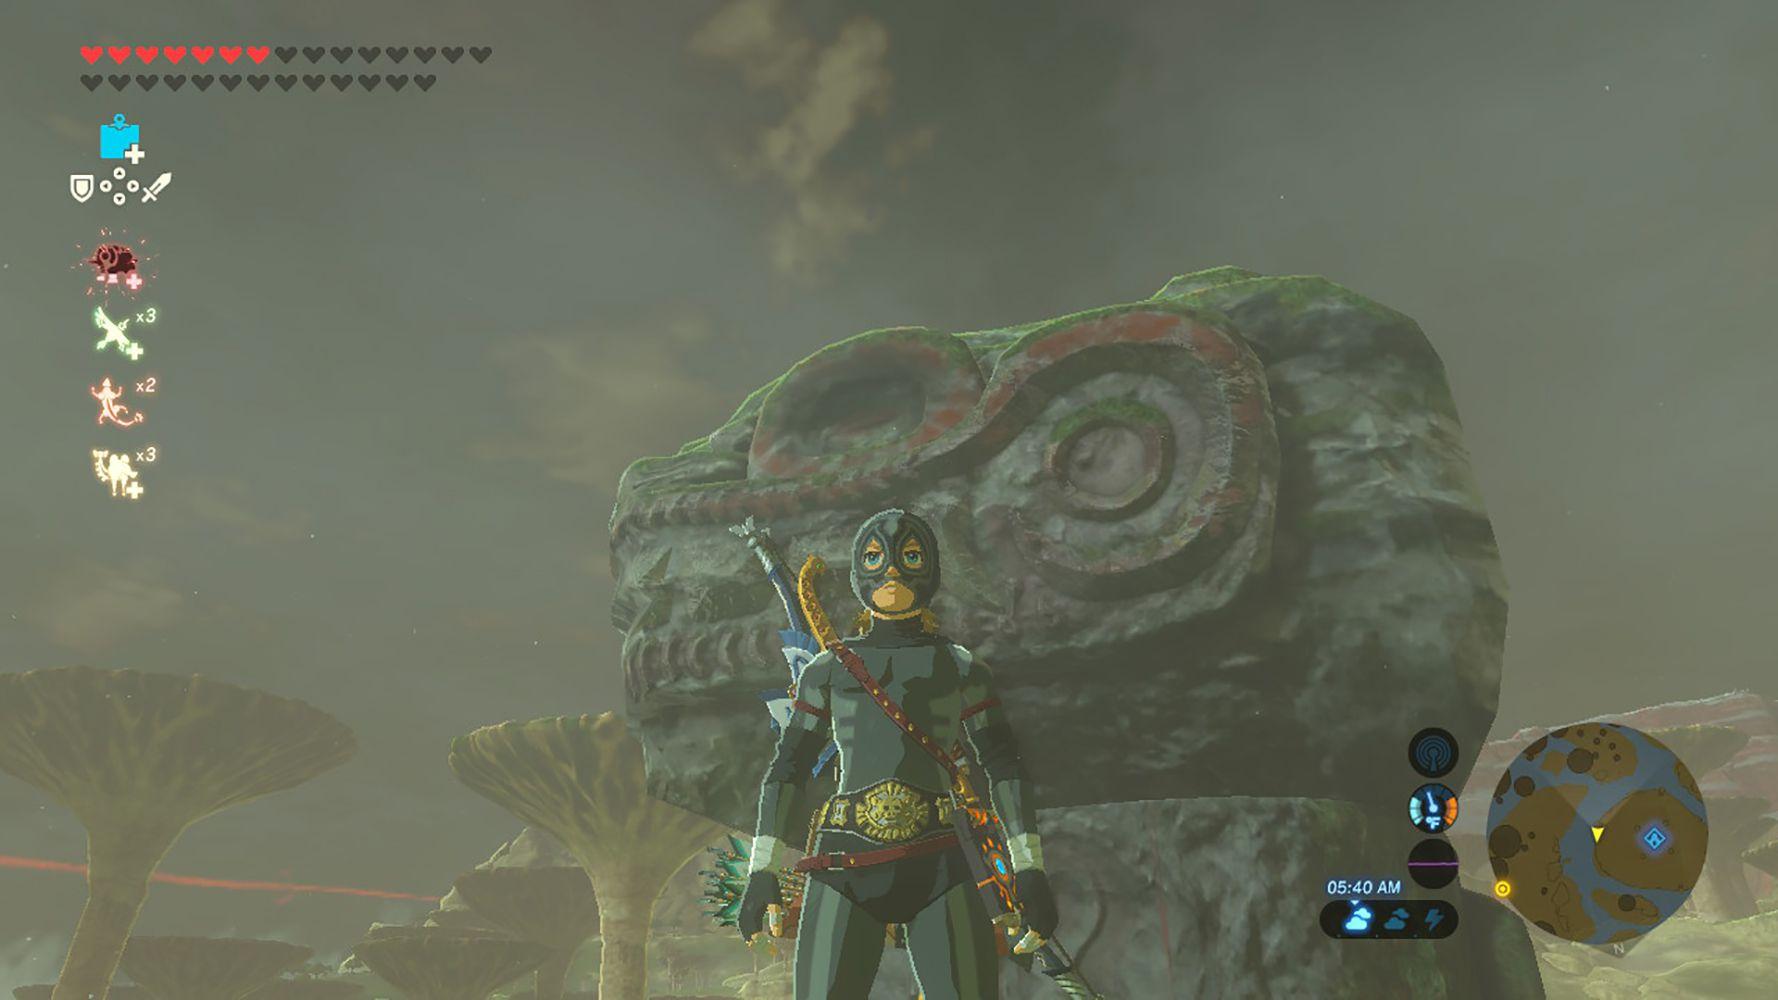 Screenshot of the Radiant Armor in Zelda: BOTW